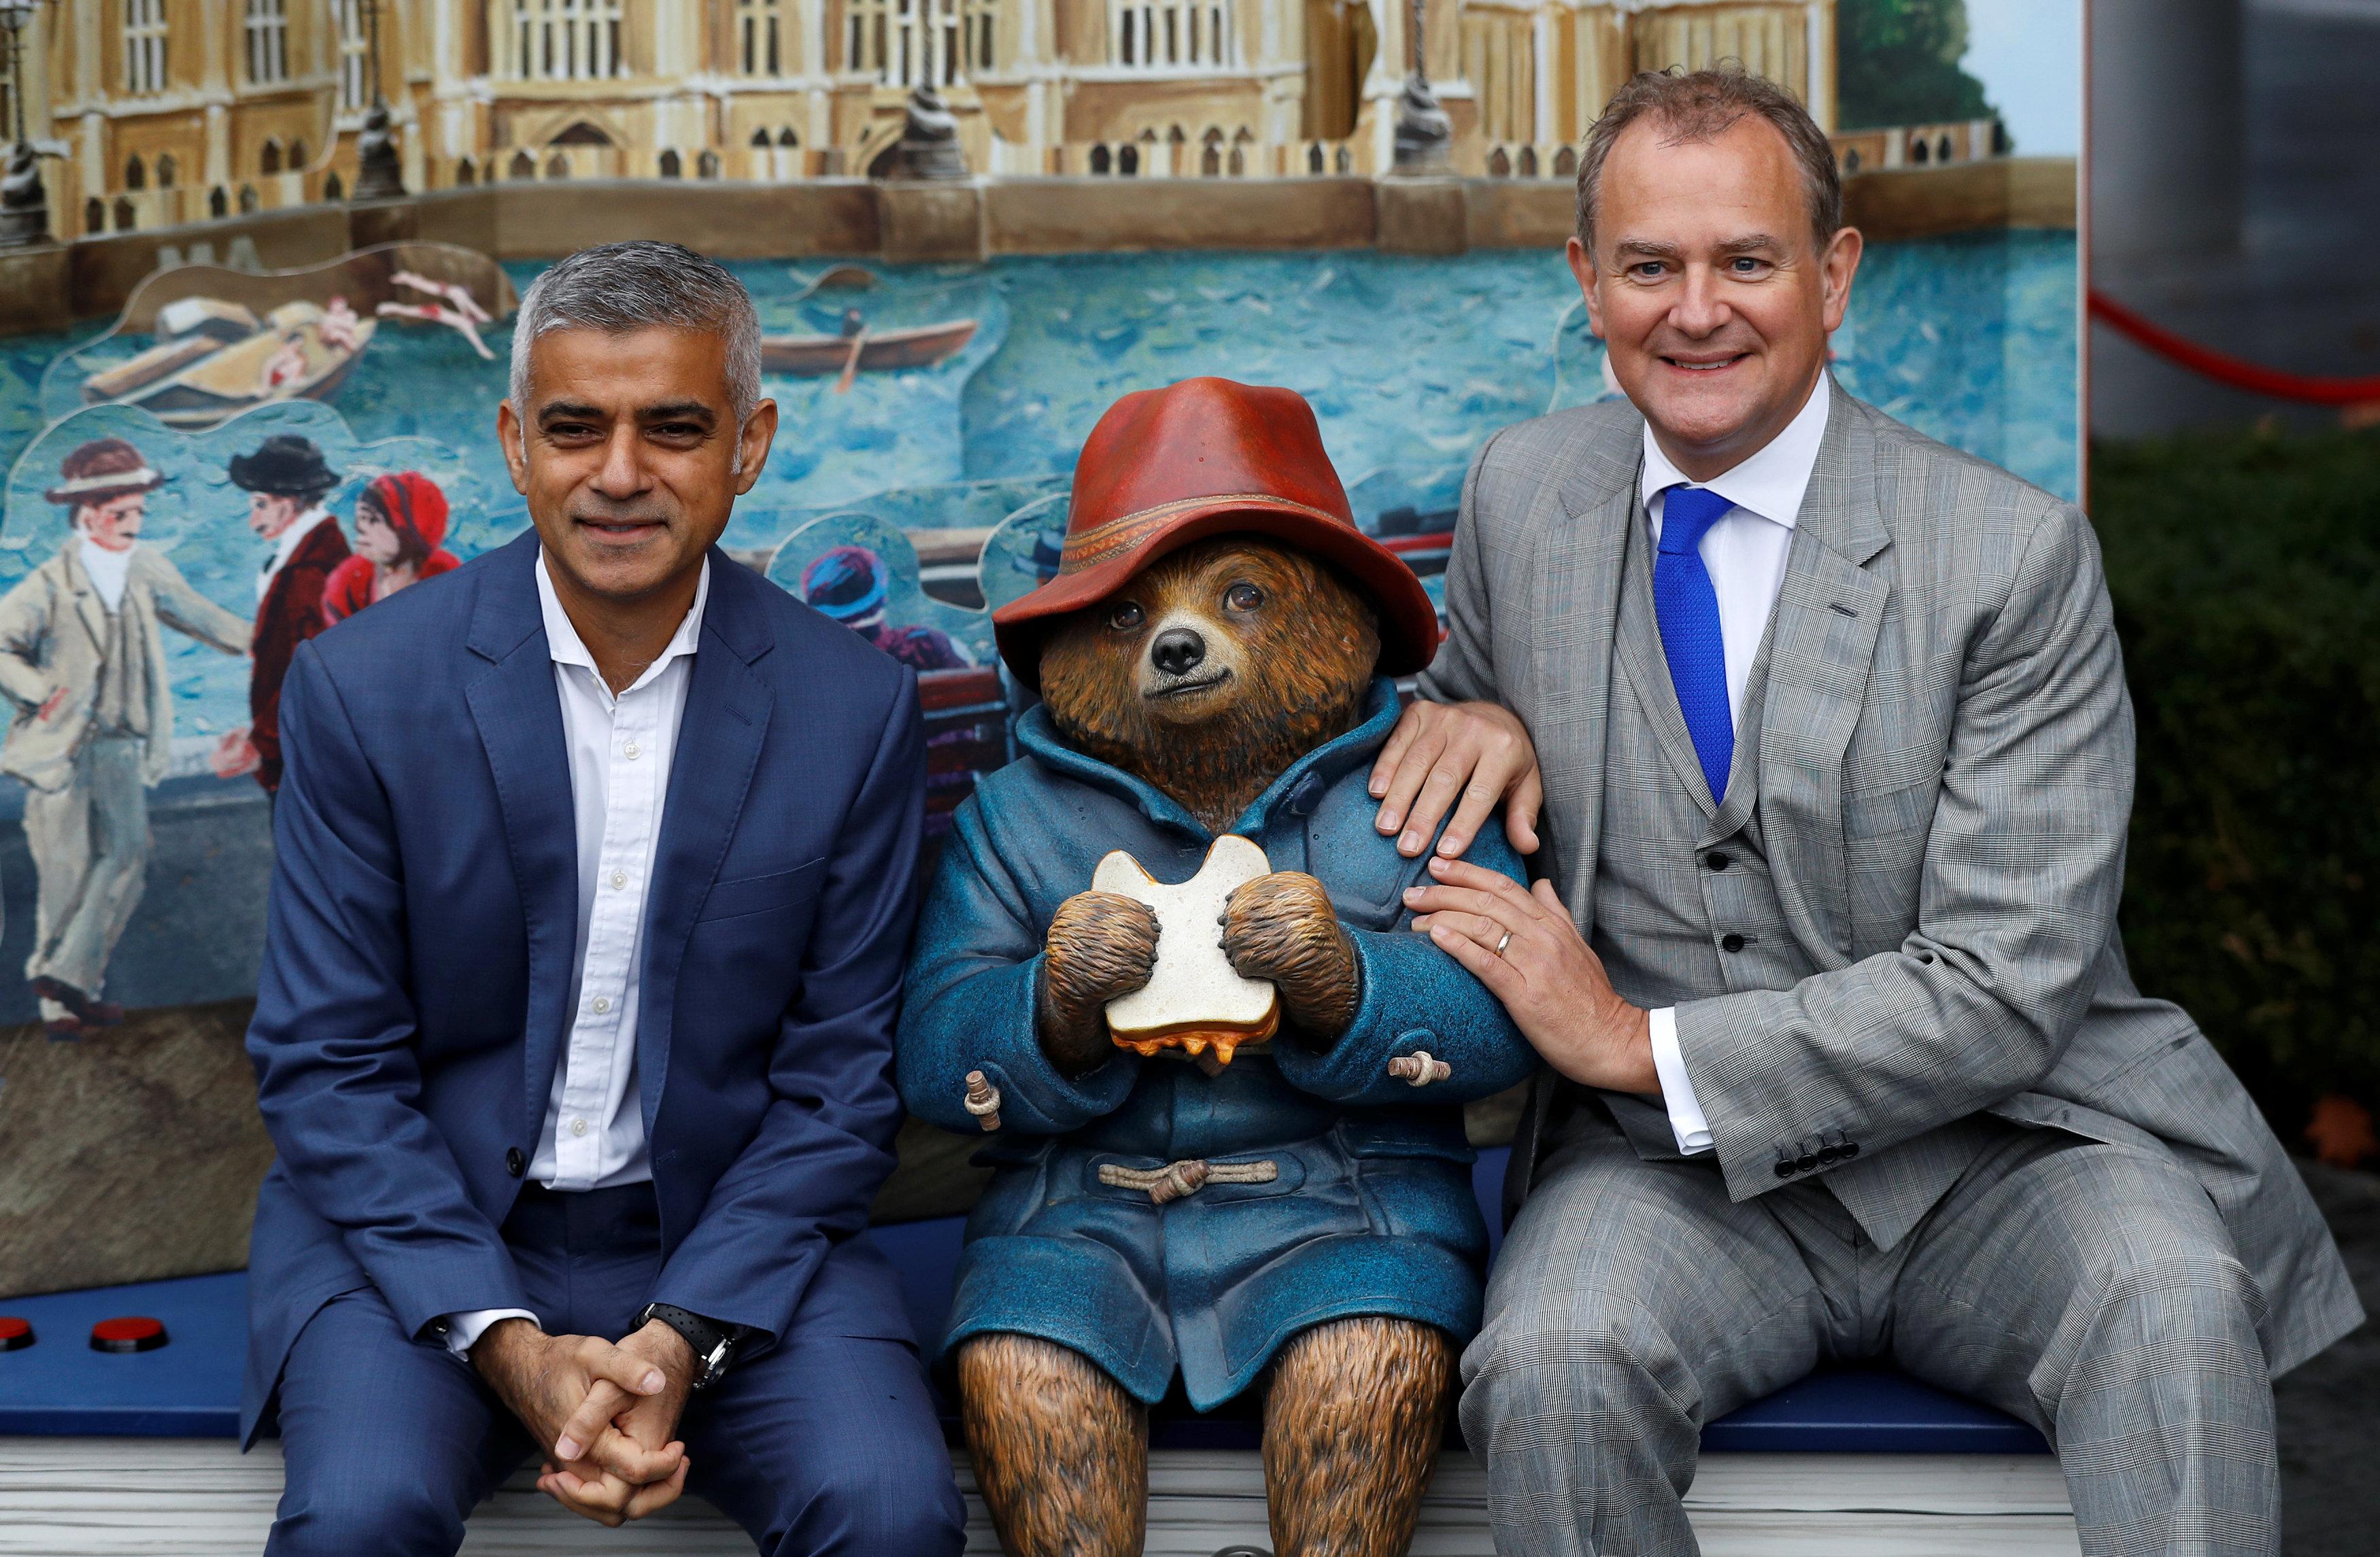 عمدة لندن يشارك في اطلاق فيلم الدب بادنجتون 2